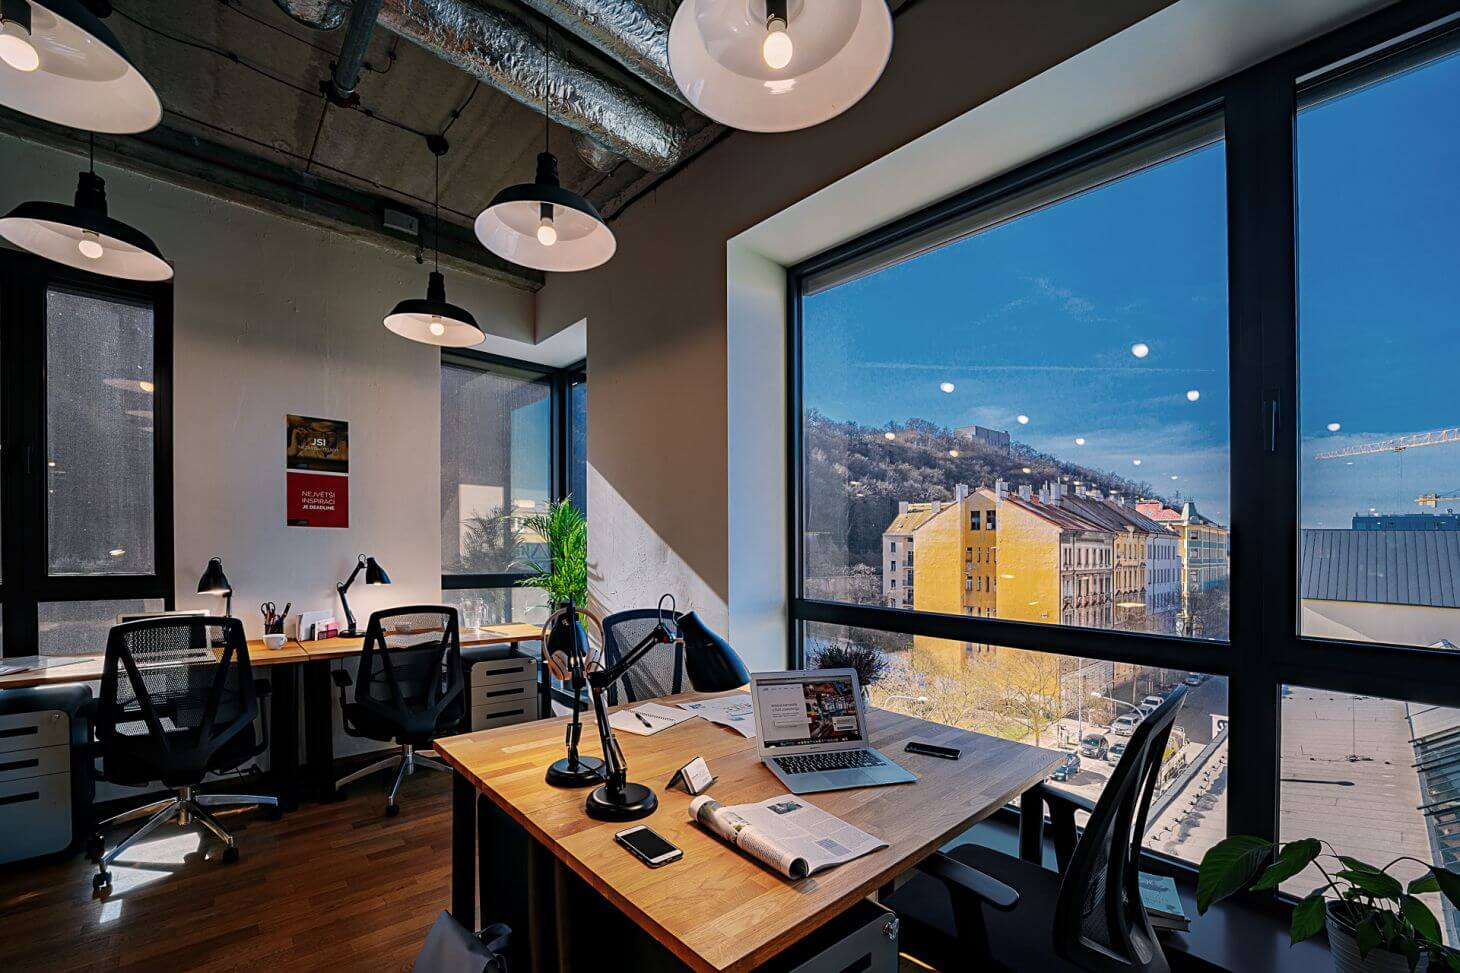 Soukromá kancelář pro 8 osob s výhledem na Vítkov v coworkingu WorkLounge Karlín